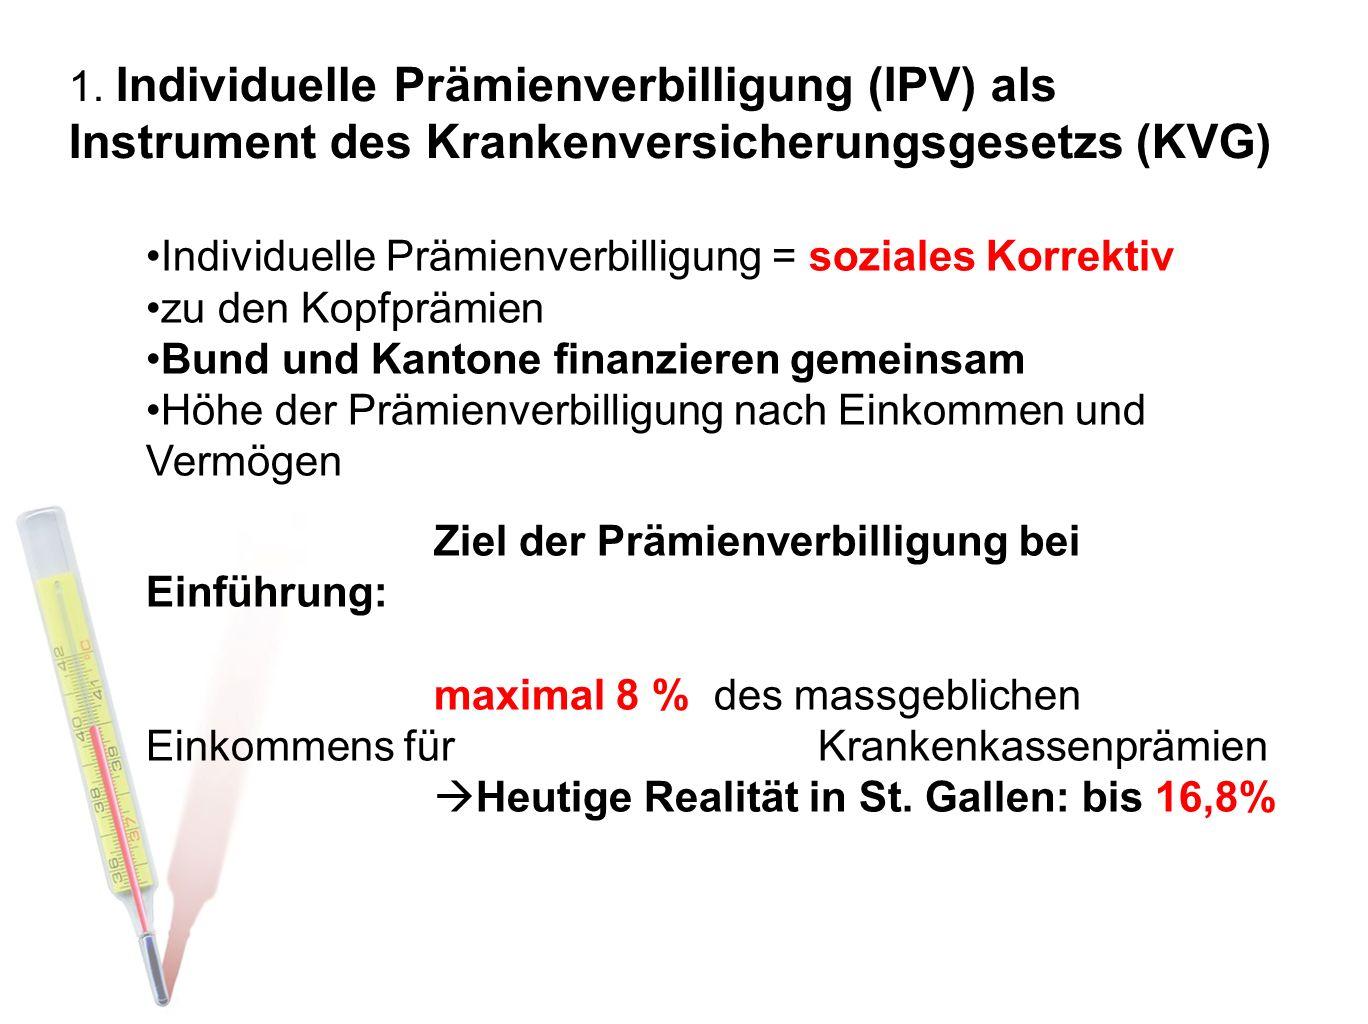 1. Individuelle Prämienverbilligung (IPV) als Instrument des Krankenversicherungsgesetzs (KVG) Individuelle Prämienverbilligung = soziales Korrektiv z